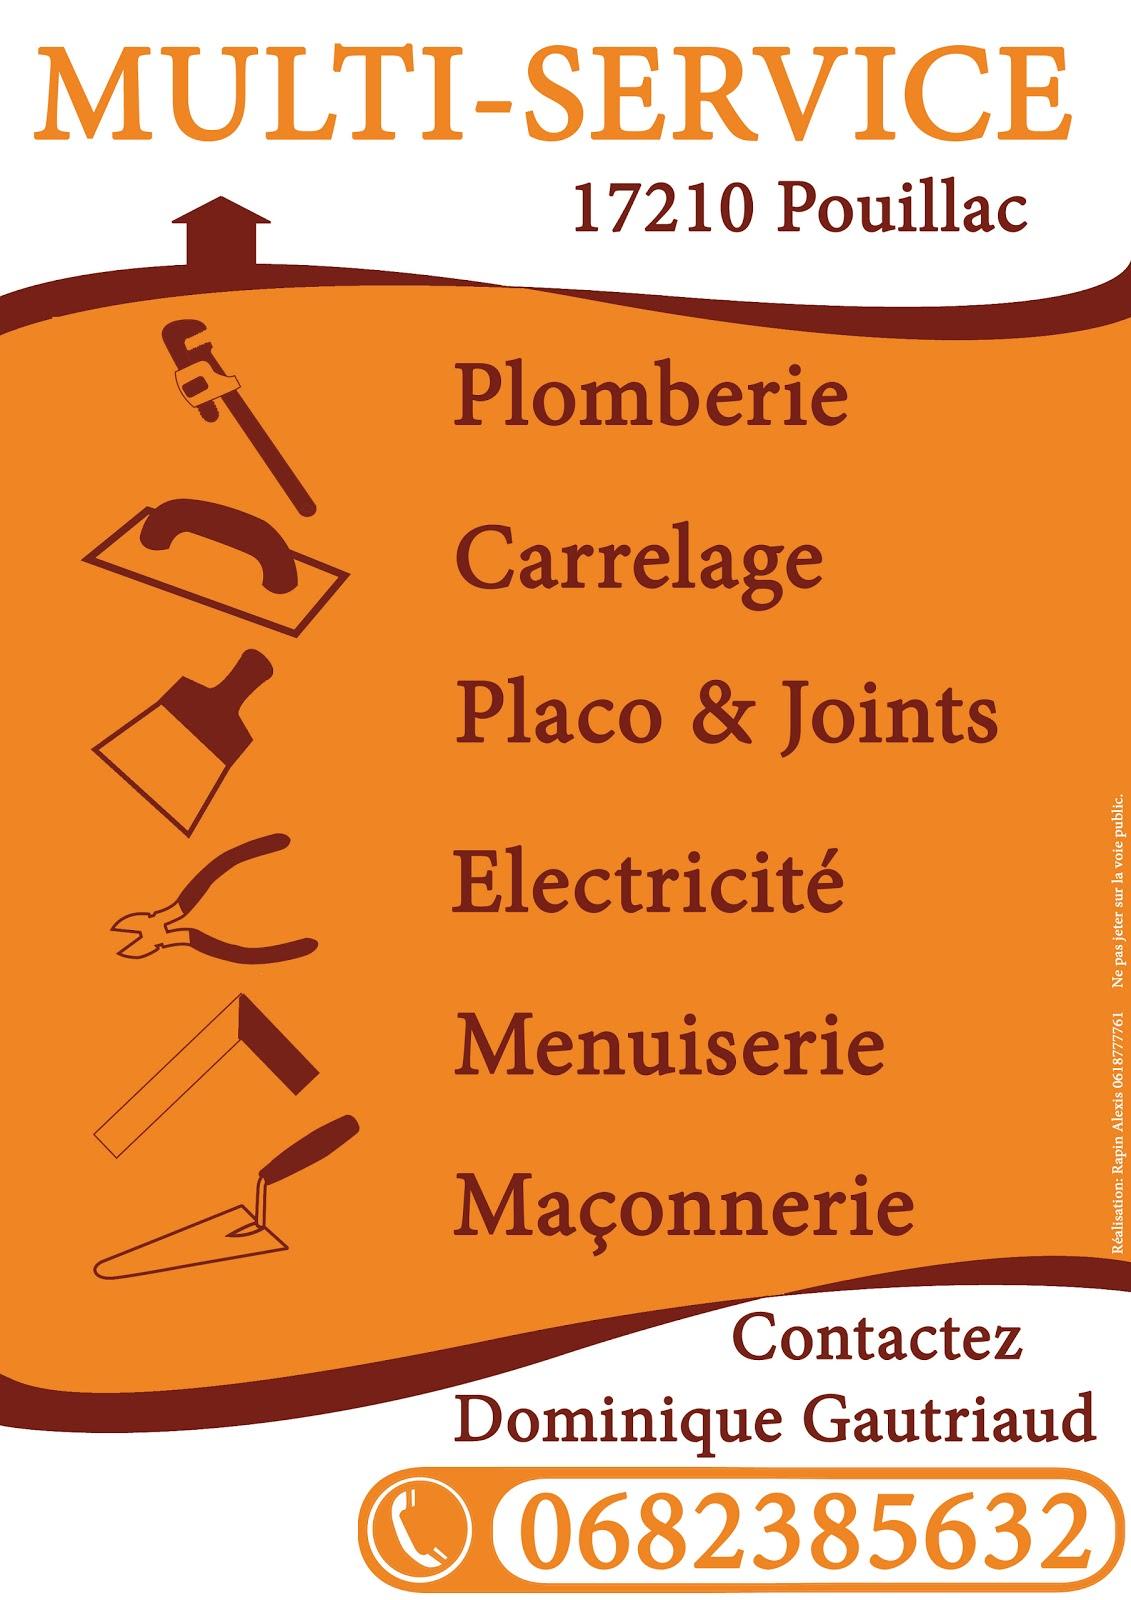 Realisation Dune Affiche Publicitaire Pour Une Entreprise De Multi Service Le But Etait Davoir Plus Propre Avec Des Petits Pictogrammes